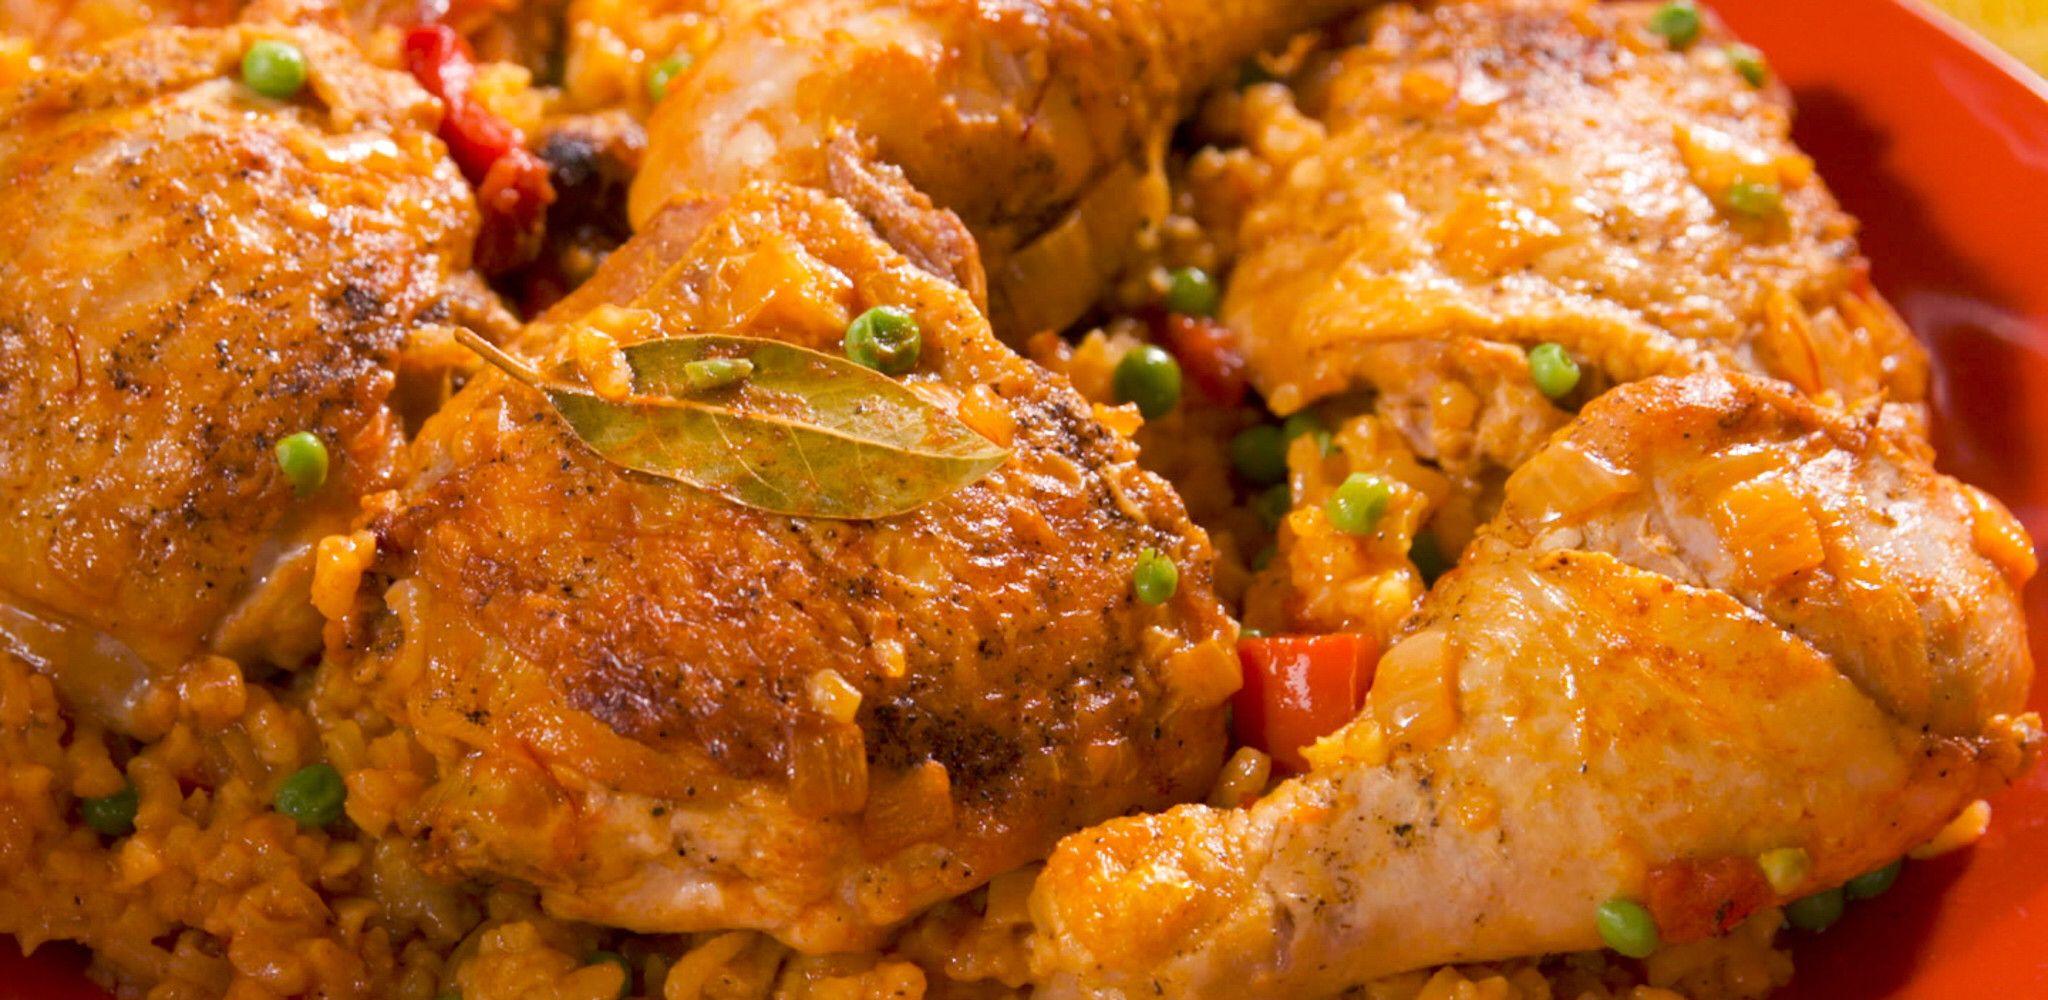 Arroz con Pollo (Rice with Chicken) Recipe Food